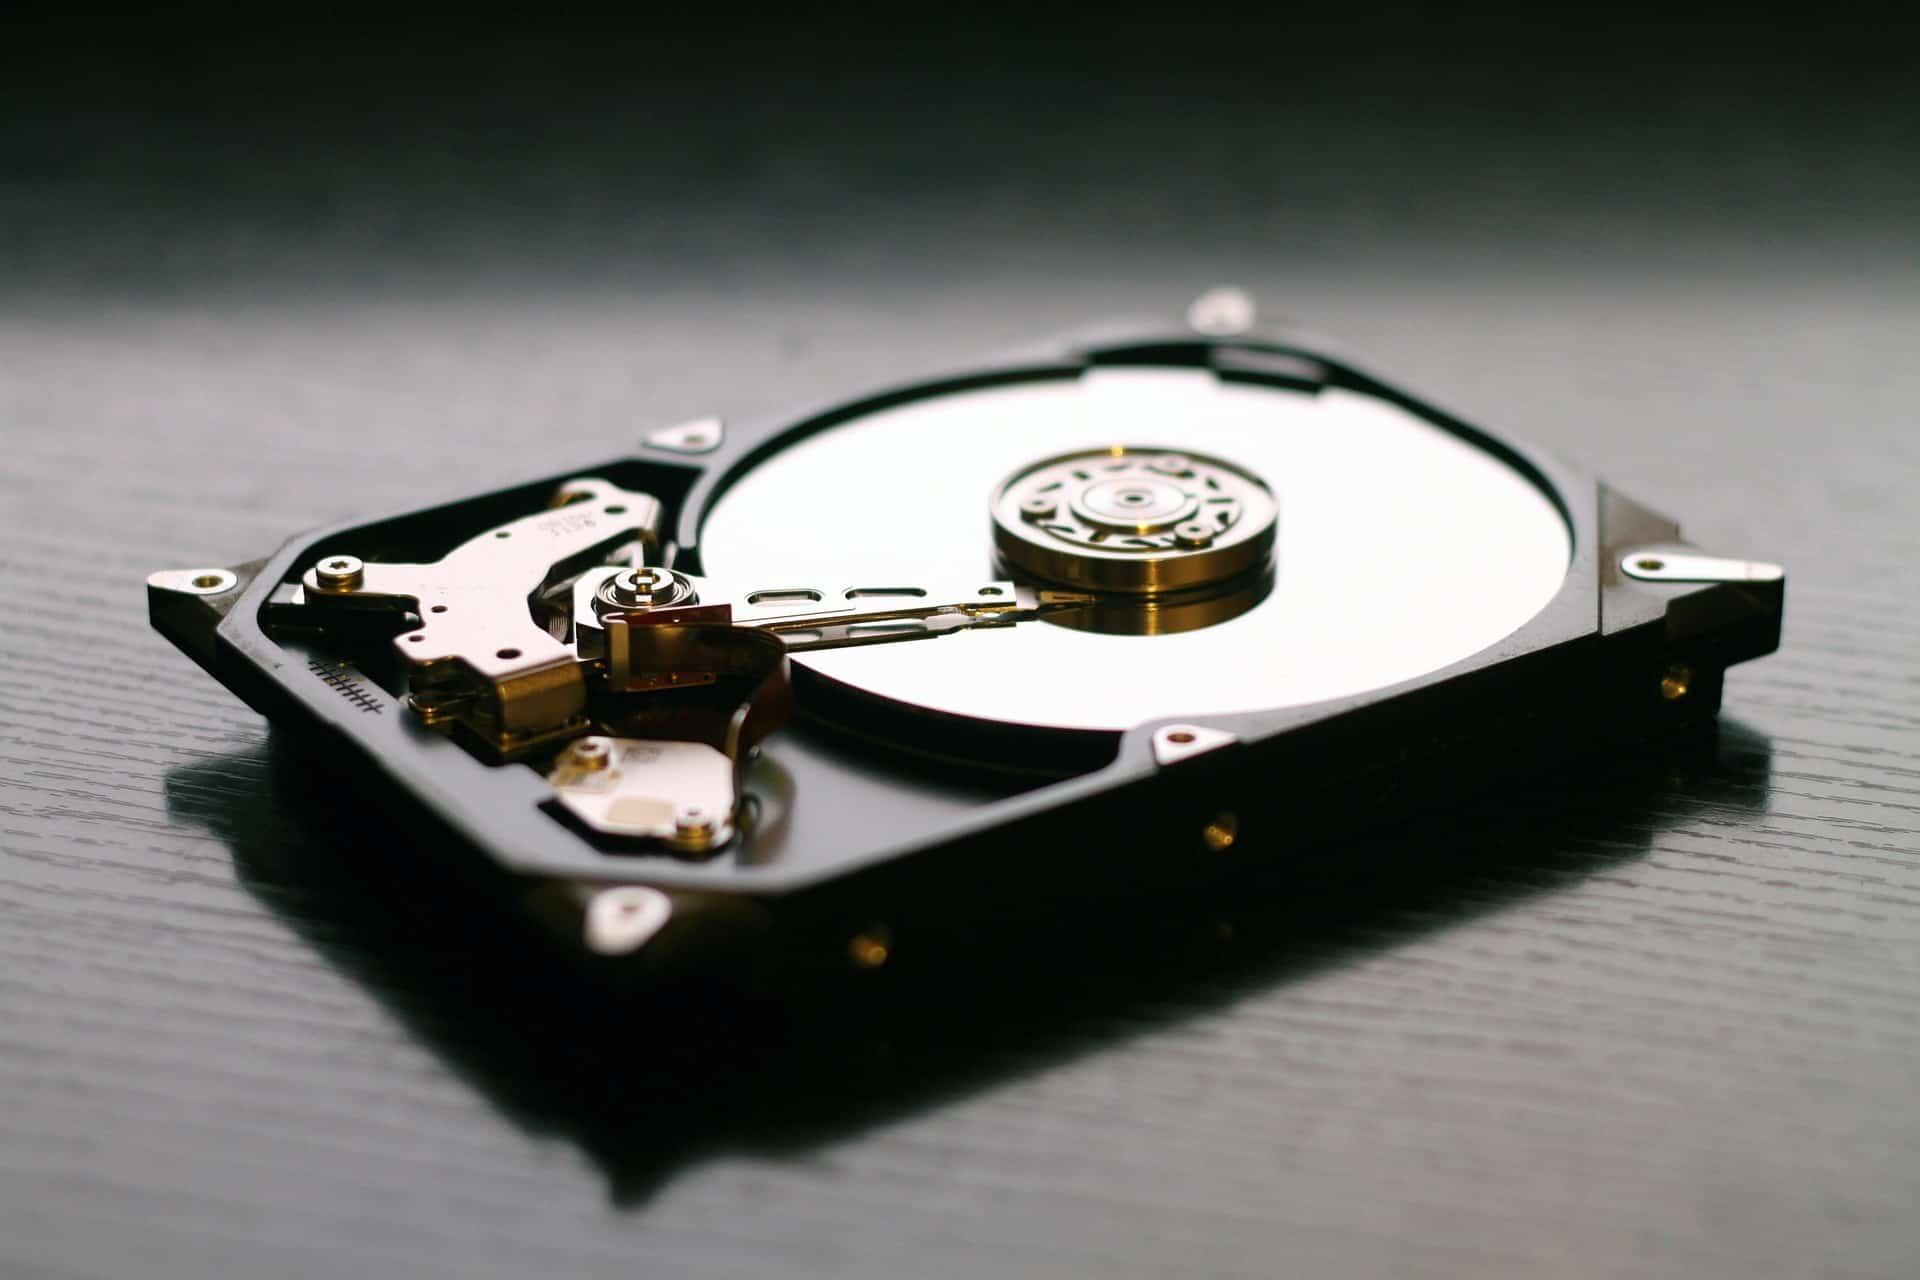 ¿Cómo funciona un disco duro? 3